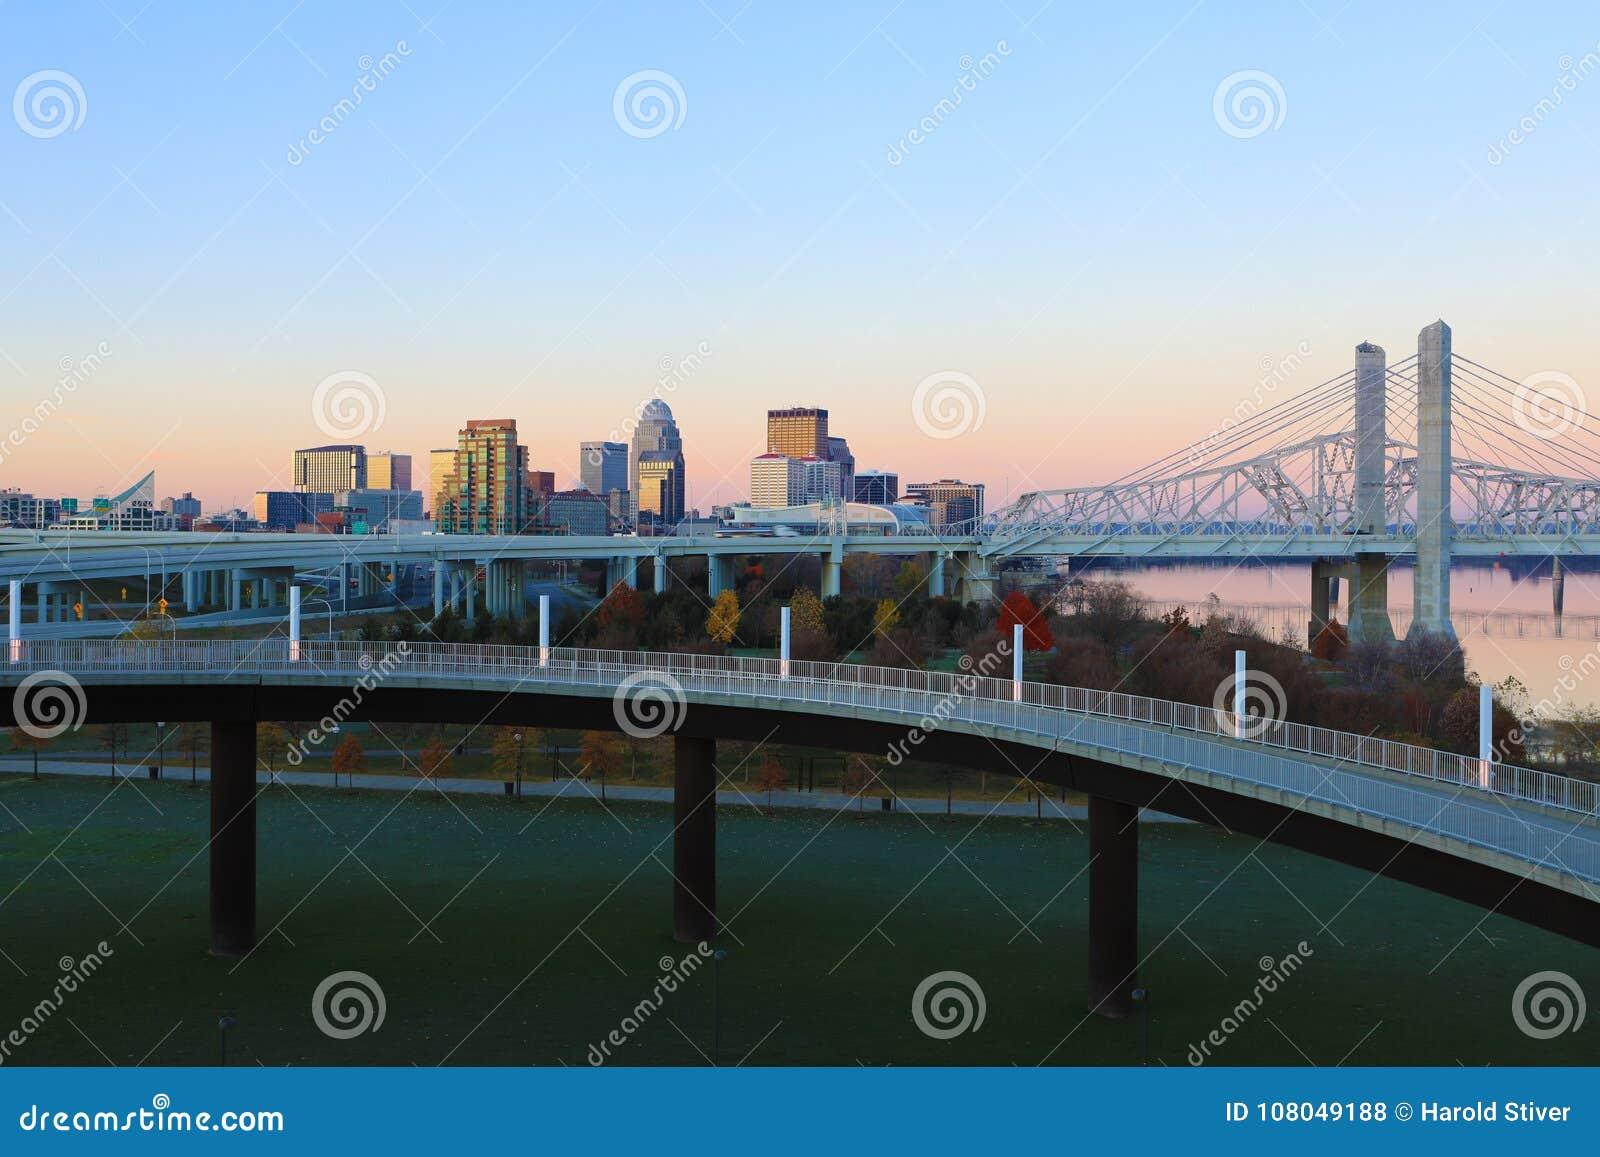 Louisville, Kentucky skyline at first light